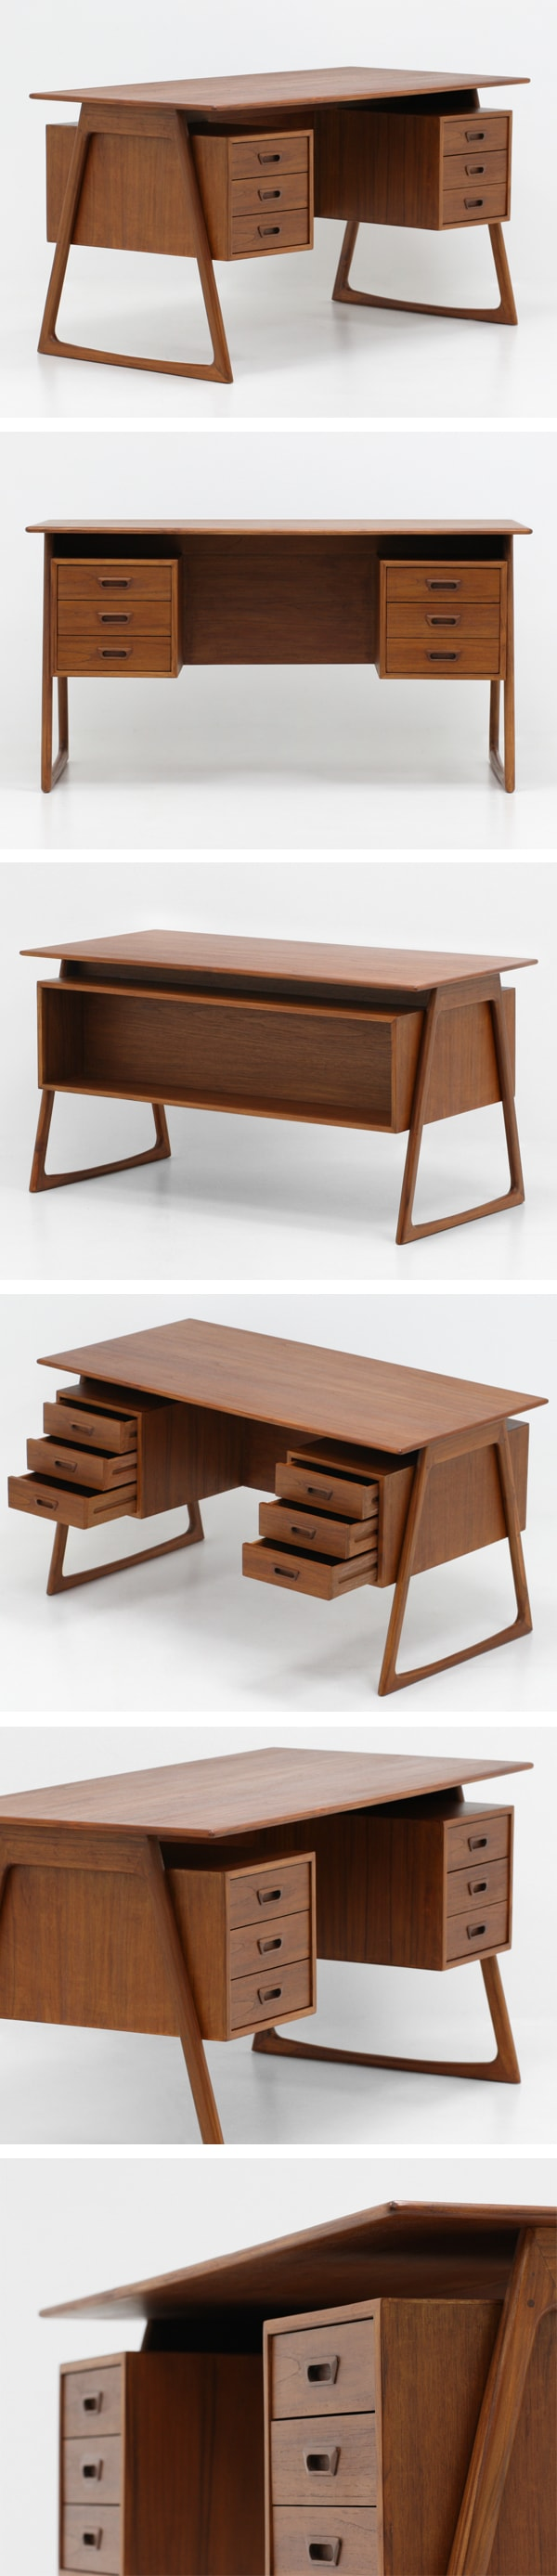 北欧デザイン家具,Klokken,クロッケン,チーク材,両袖デスク,机